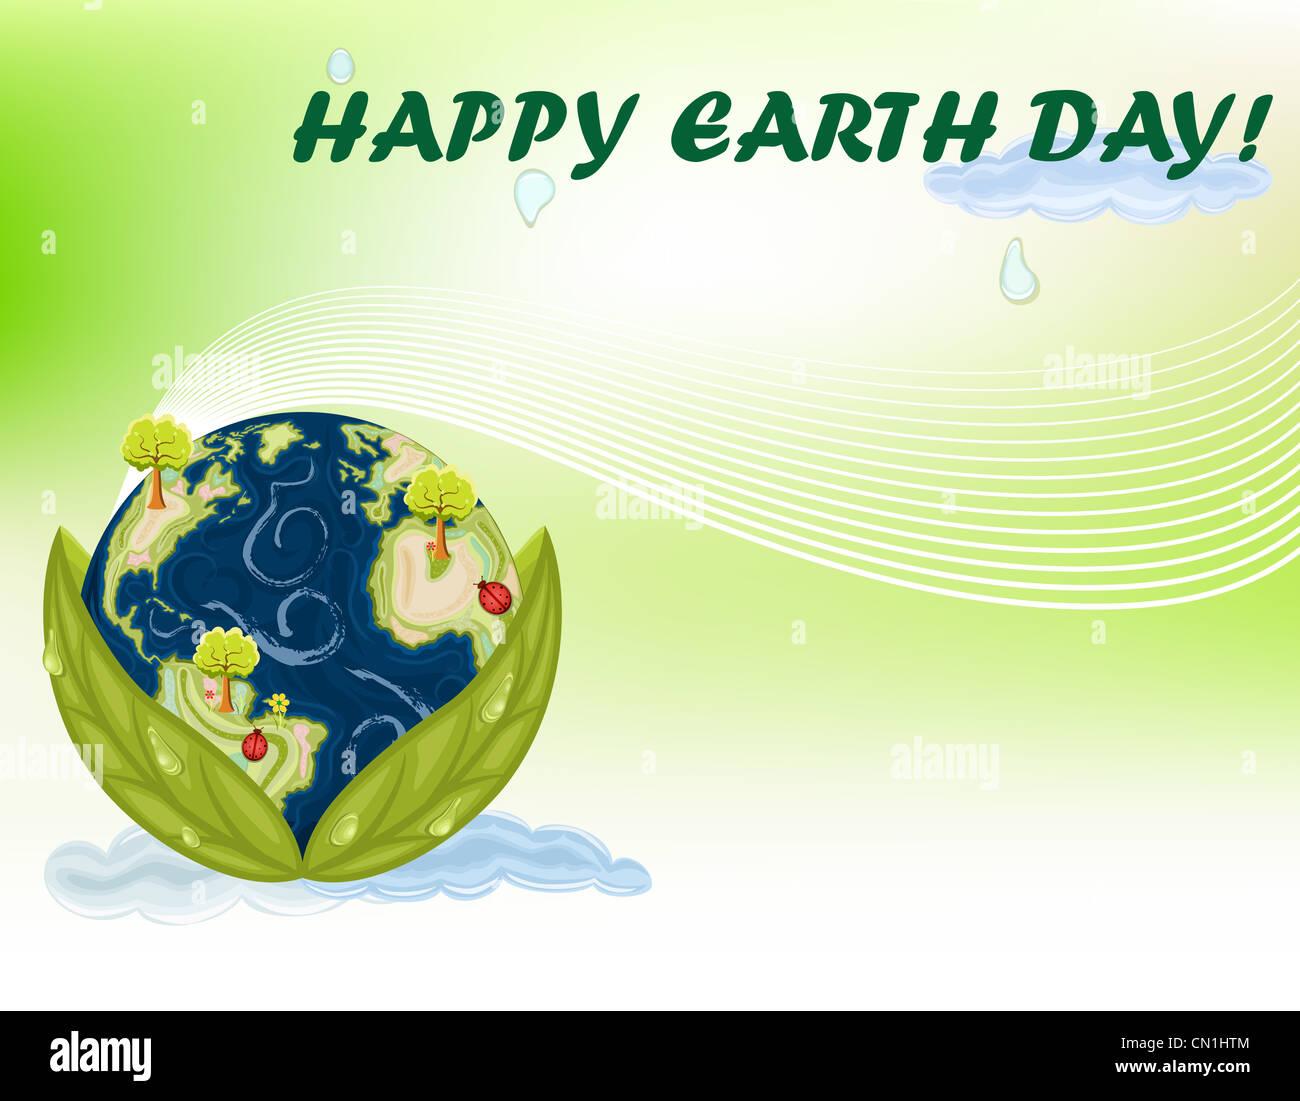 Le jour de la Terre - 22 avril célébration internationale. Photo Stock